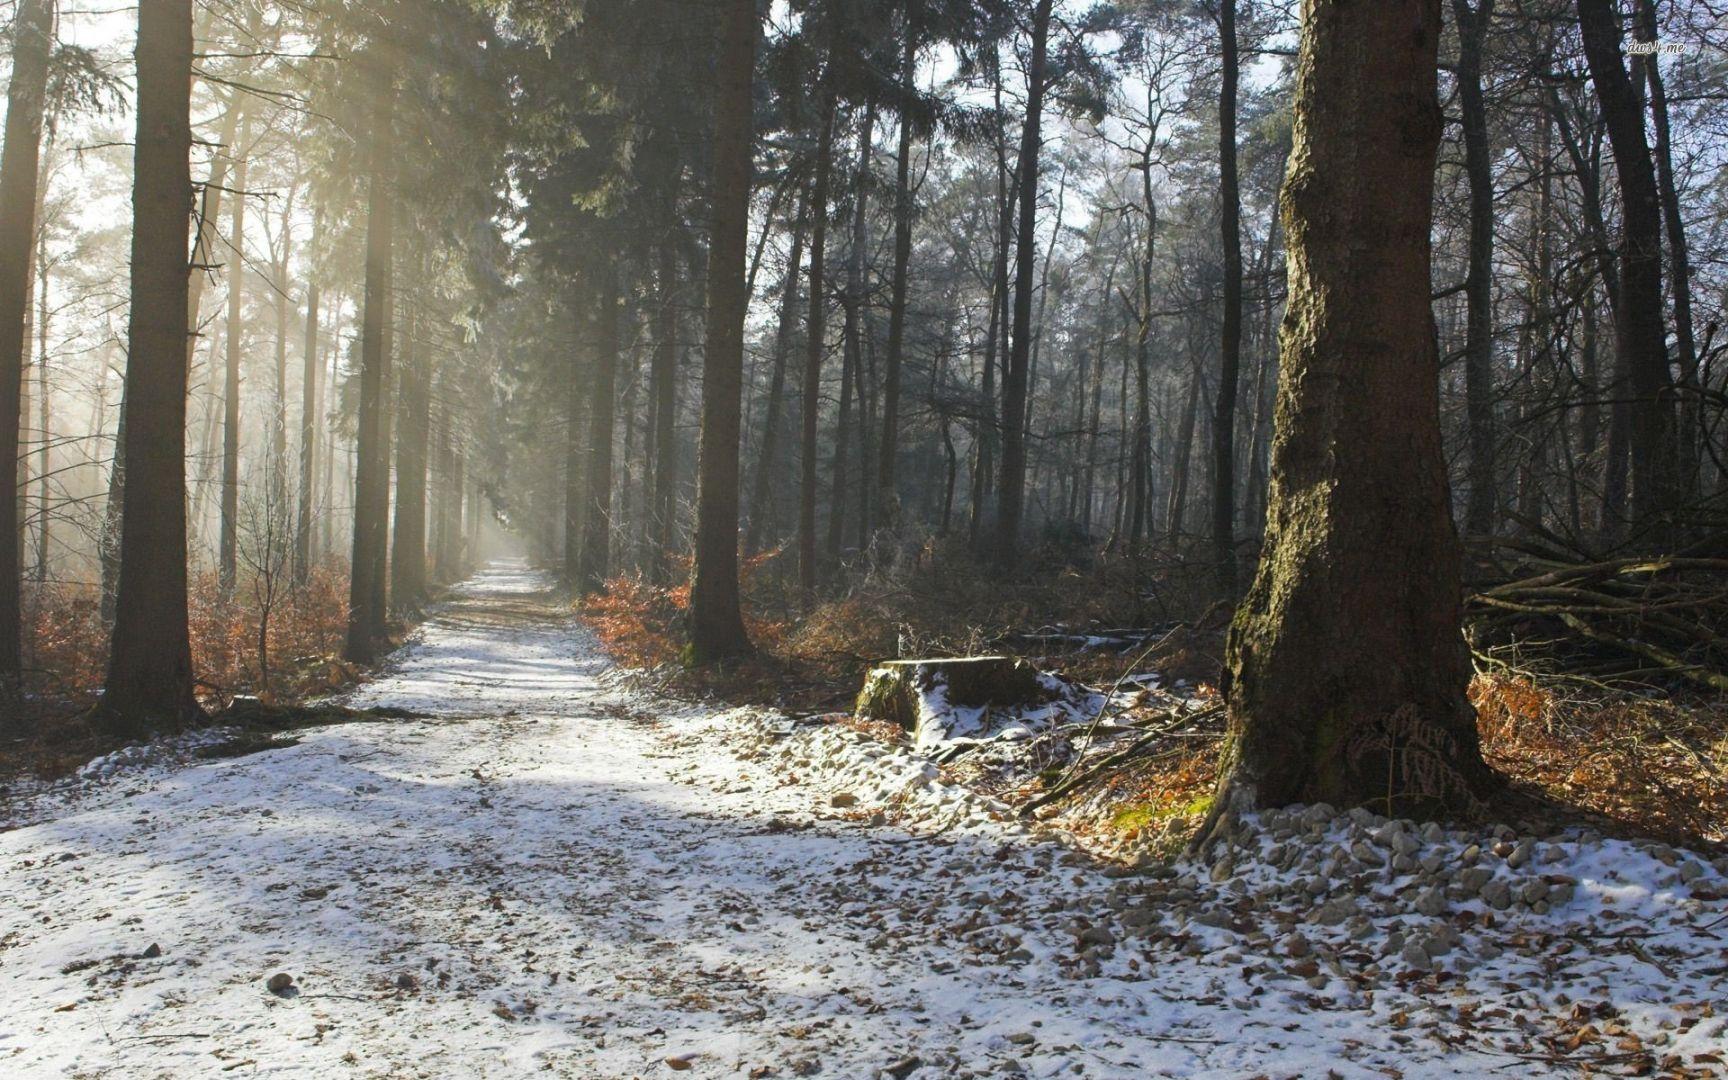 ВКузбассе приняли закон оразвитии индустриальных парков